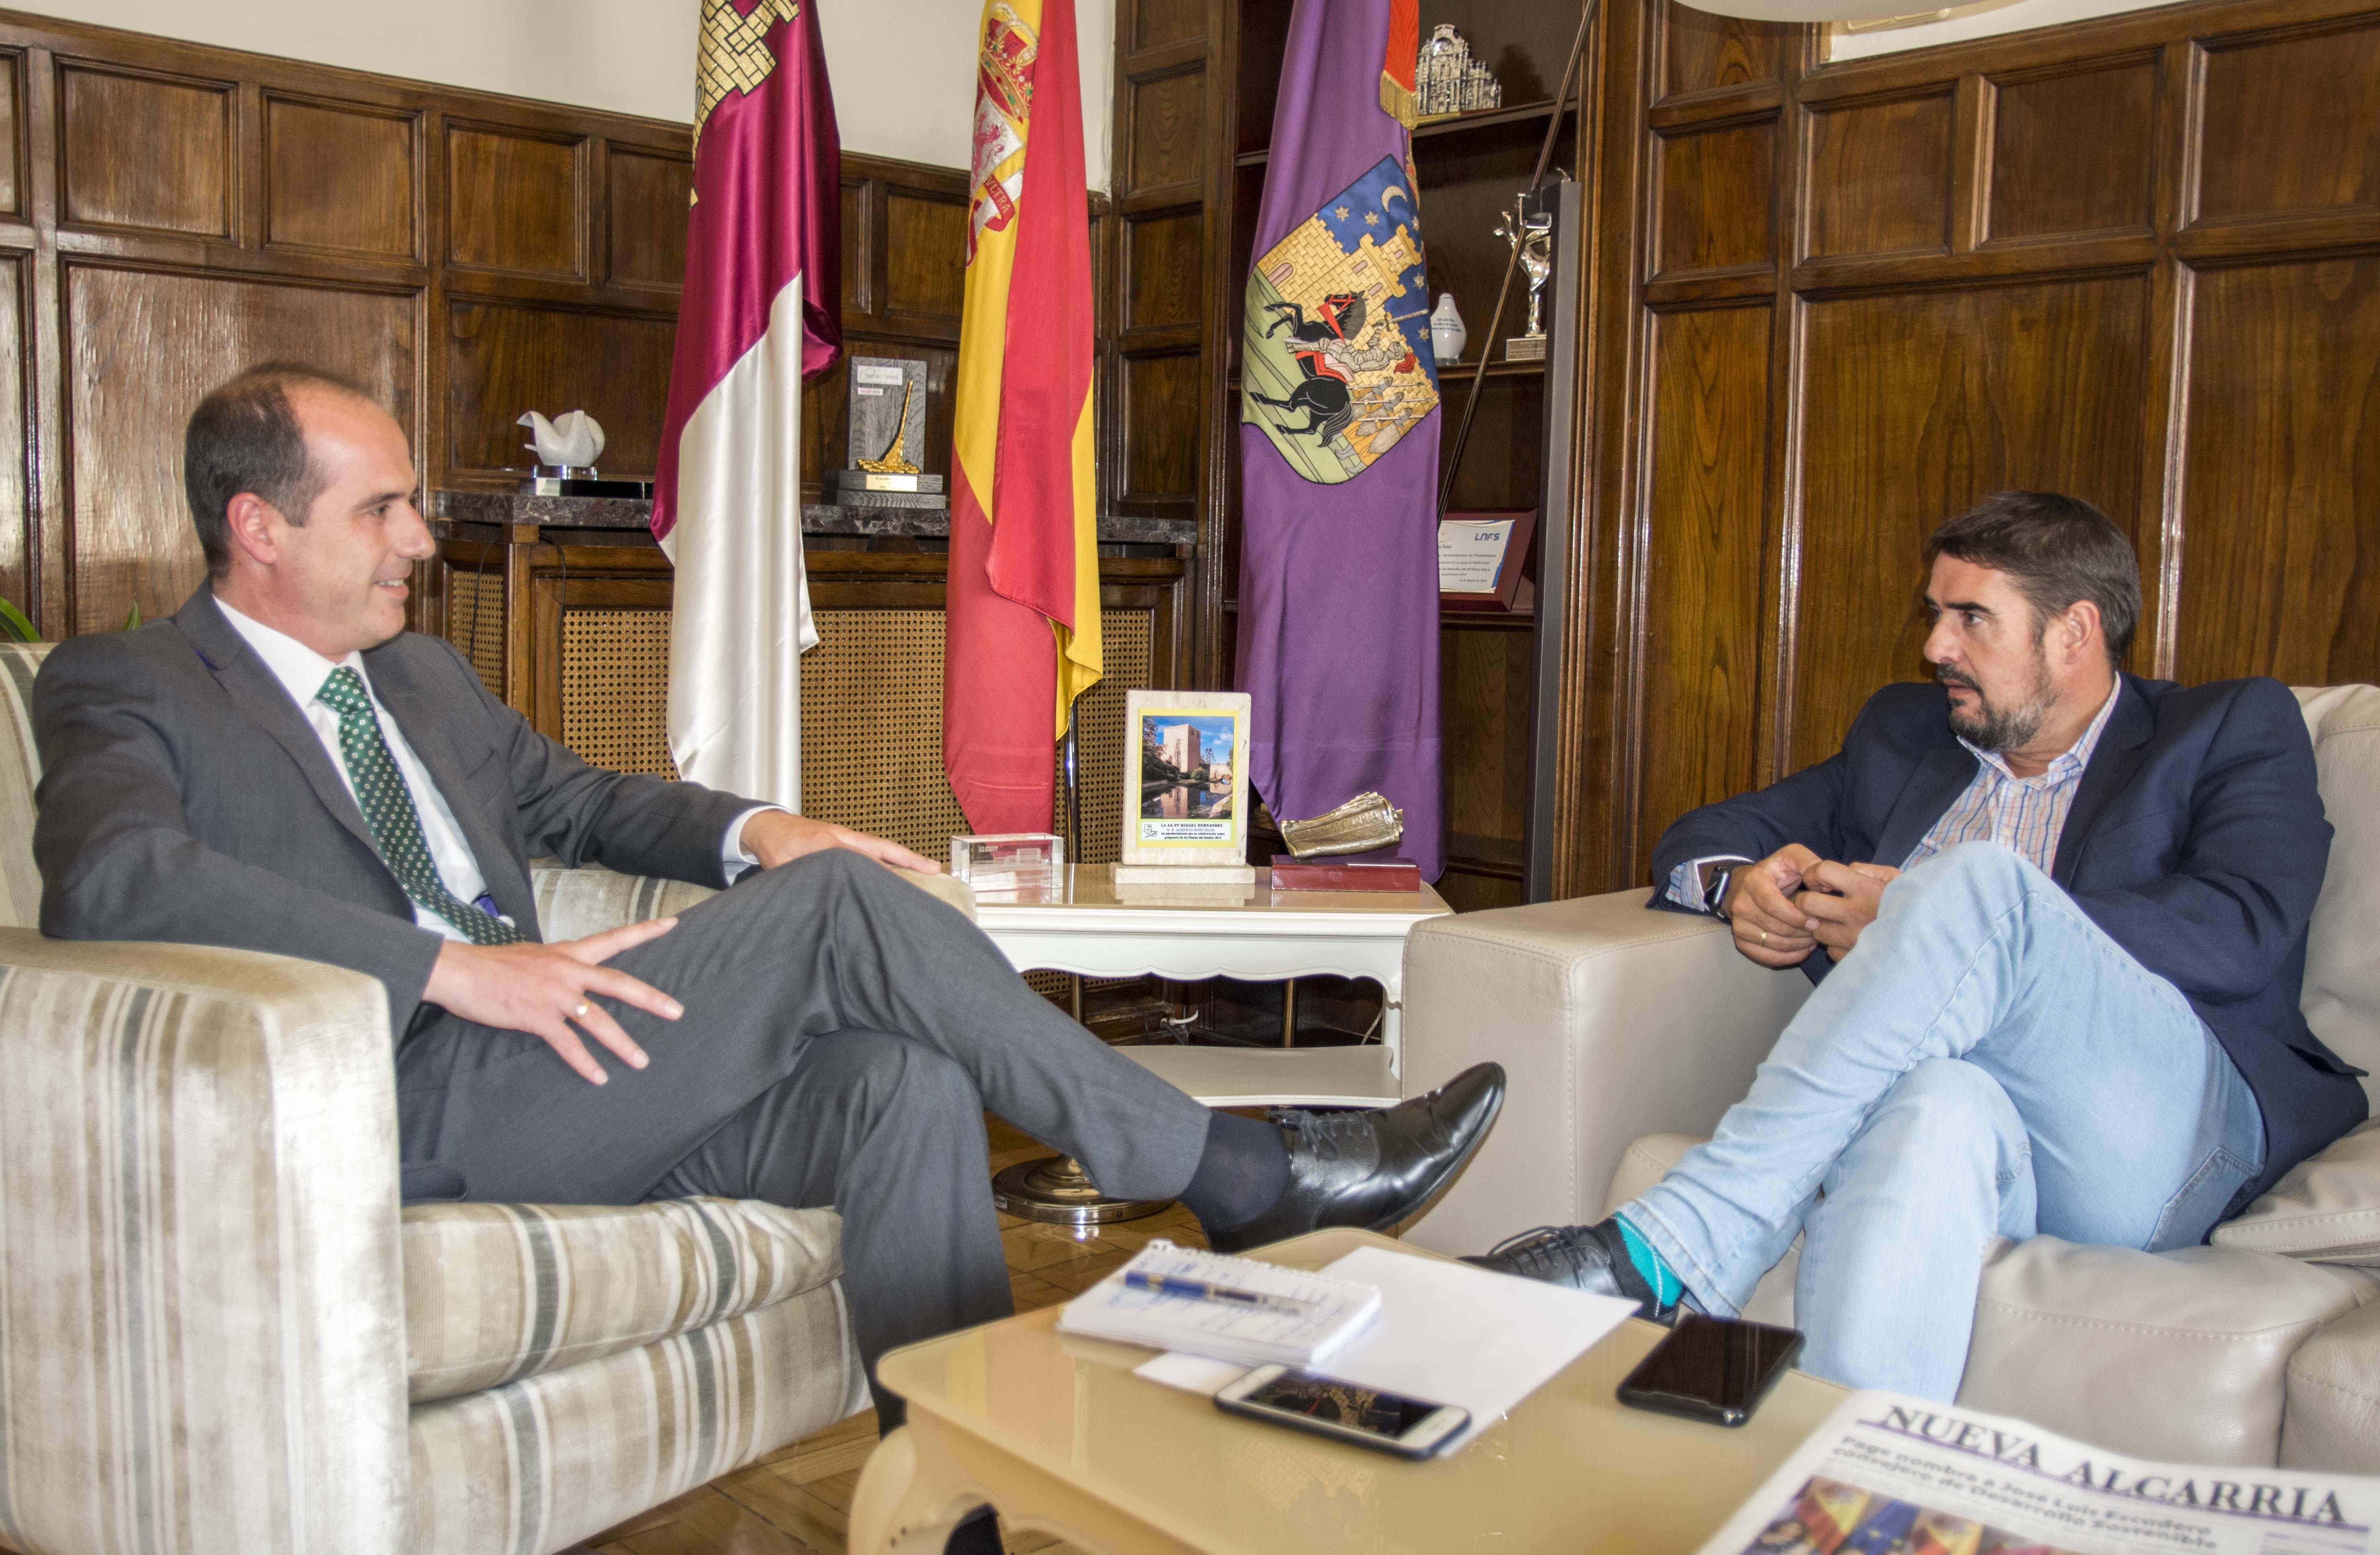 El Ayuntamiento de Guadalajara inicia una nueva etapa de diálogo y colaboración con Marchamalo en busca de un mayor desarrollo